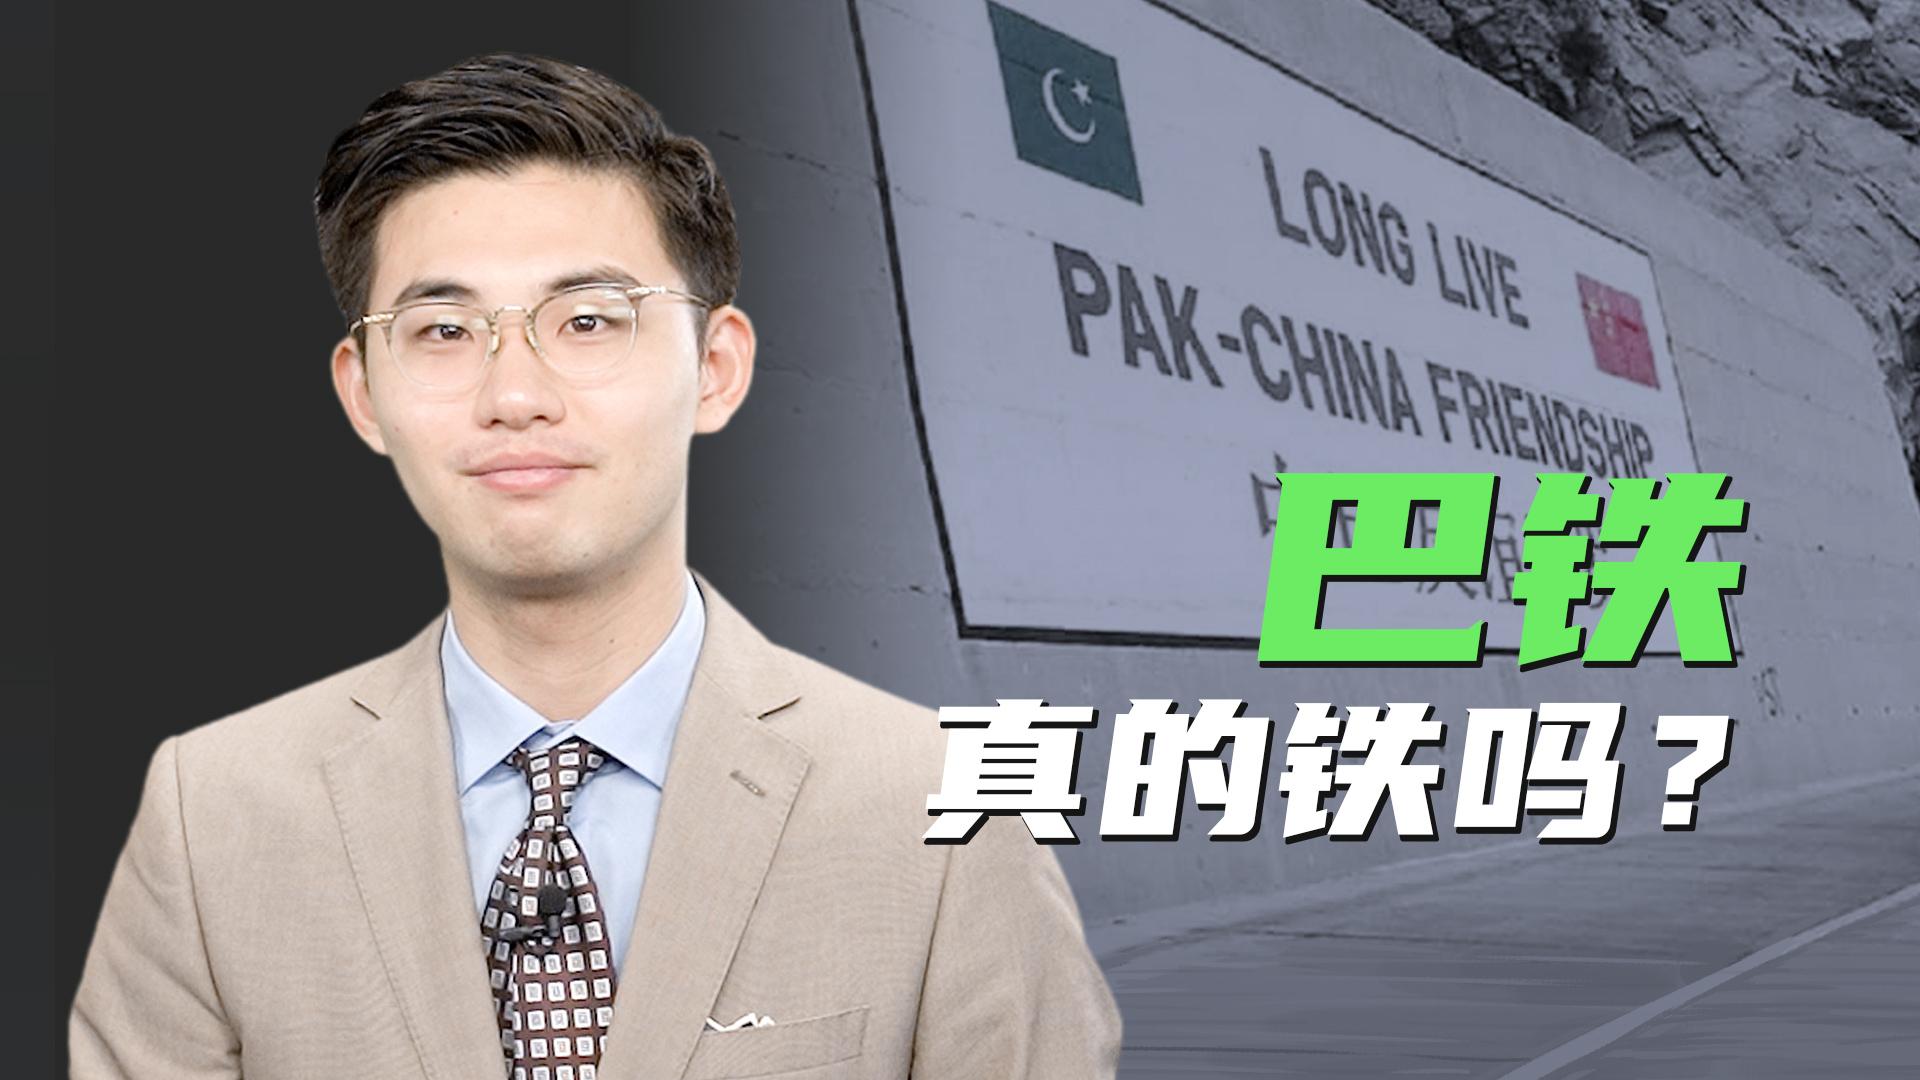 骁话一下:巴基斯坦政治分裂拿中国开刀,巴铁真的铁吗?